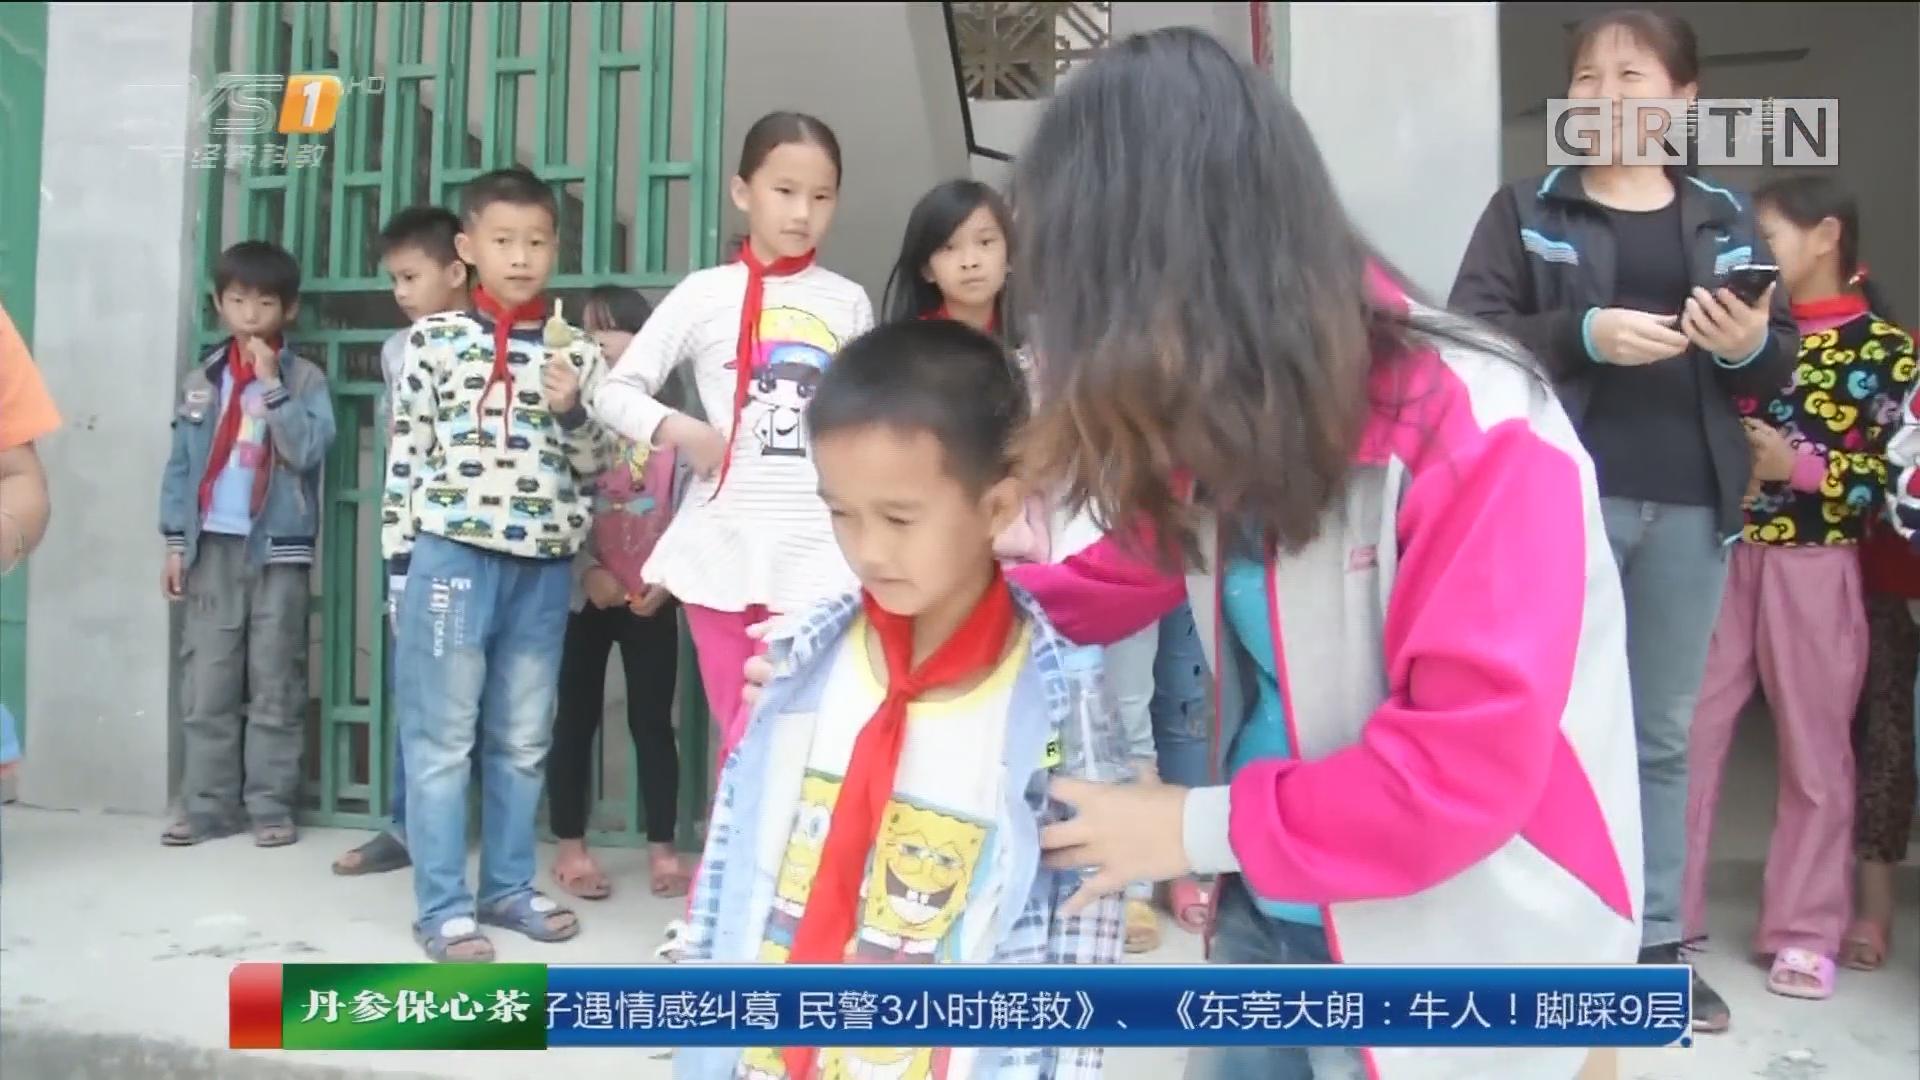 让爱回家:小候鸟回访计划 父母回广西老家 探望留守子女